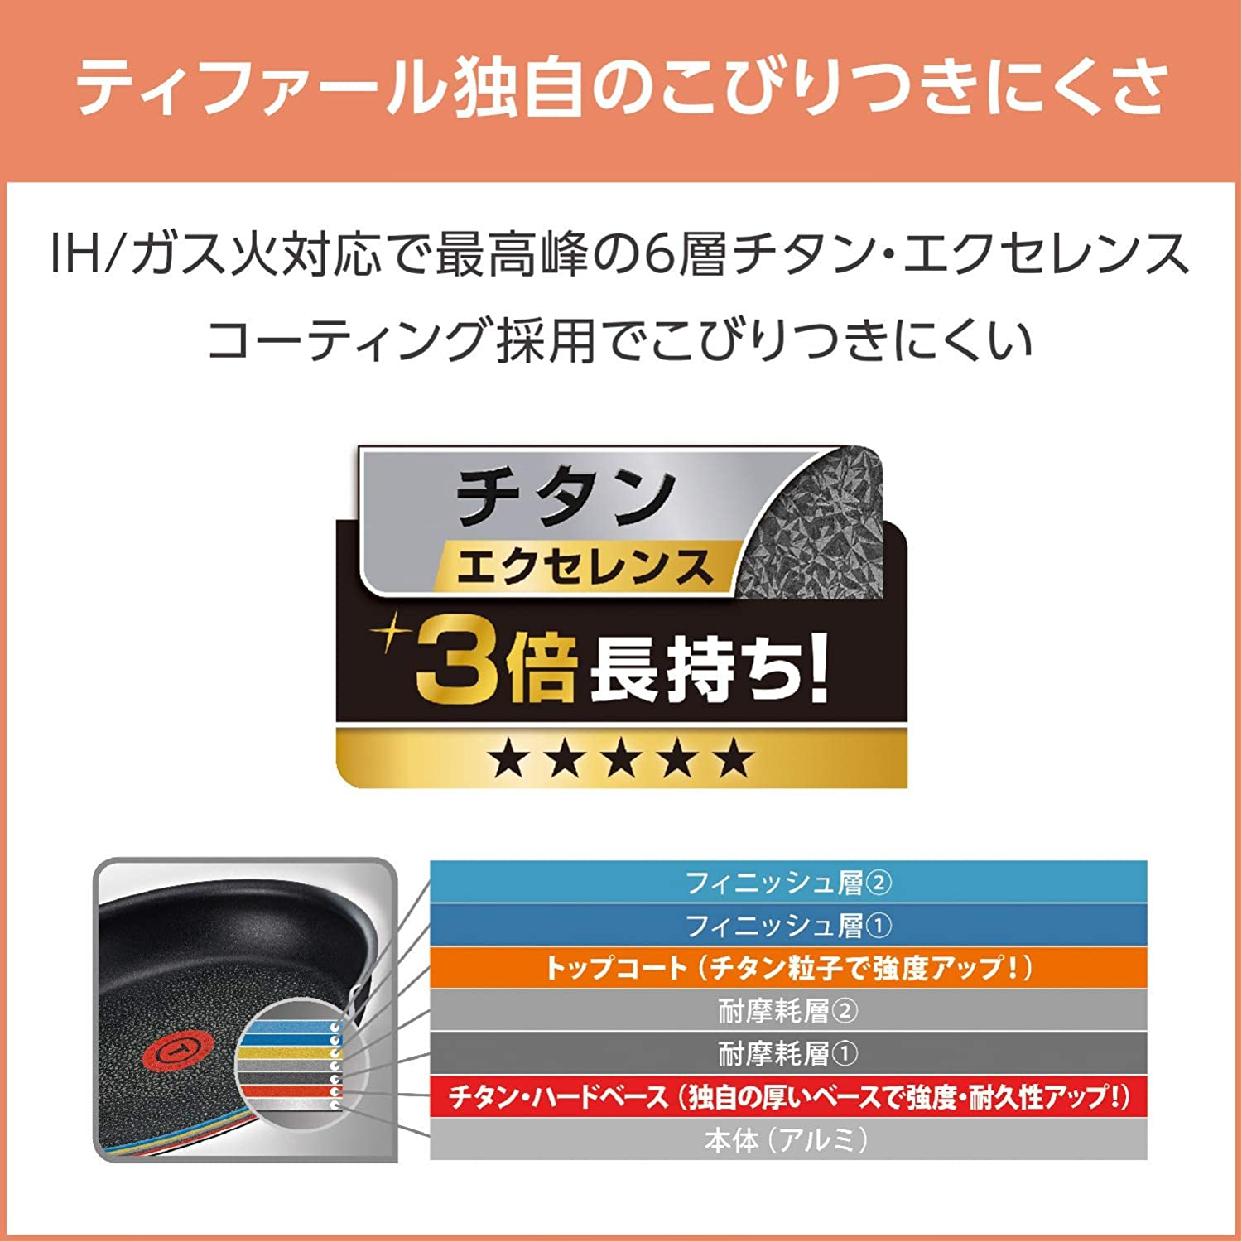 T-fal(ティファール)インジニオ・ネオ・エクセレンス 8点セットの商品画像6